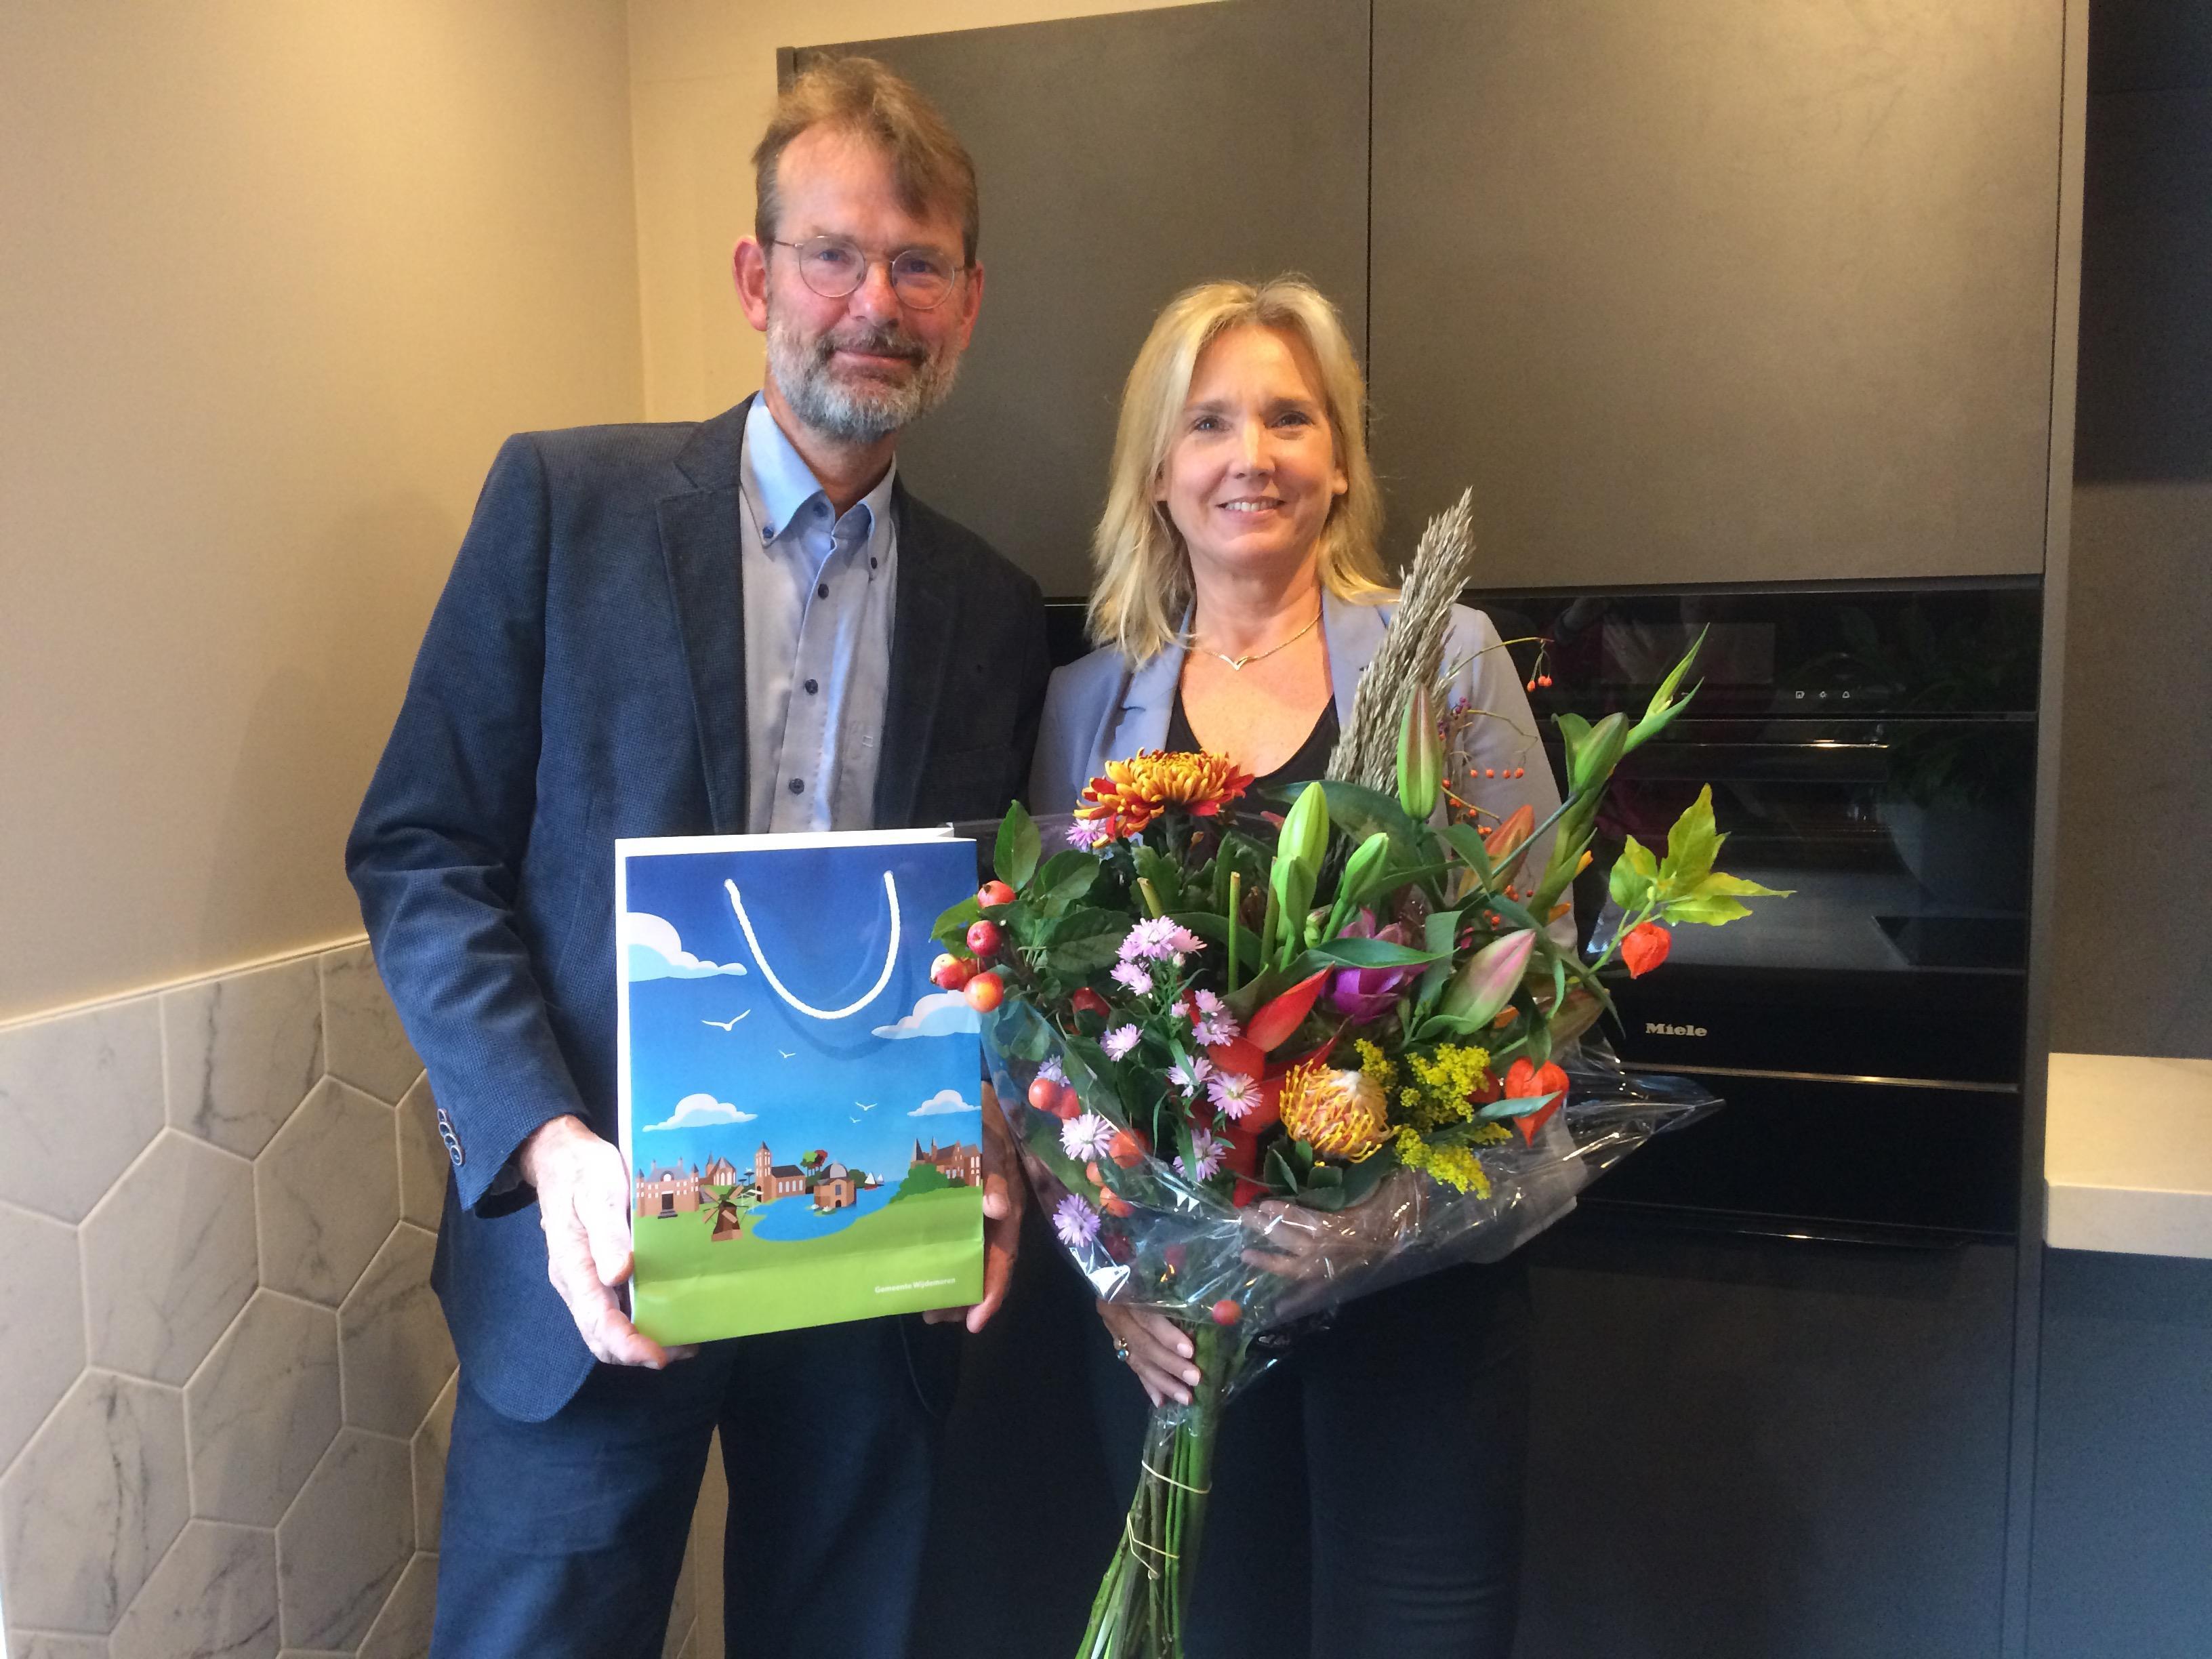 Beoogd burgemeester Crys Larson 'vereerd en blij': ervaren vrouw voor Wijdemeren